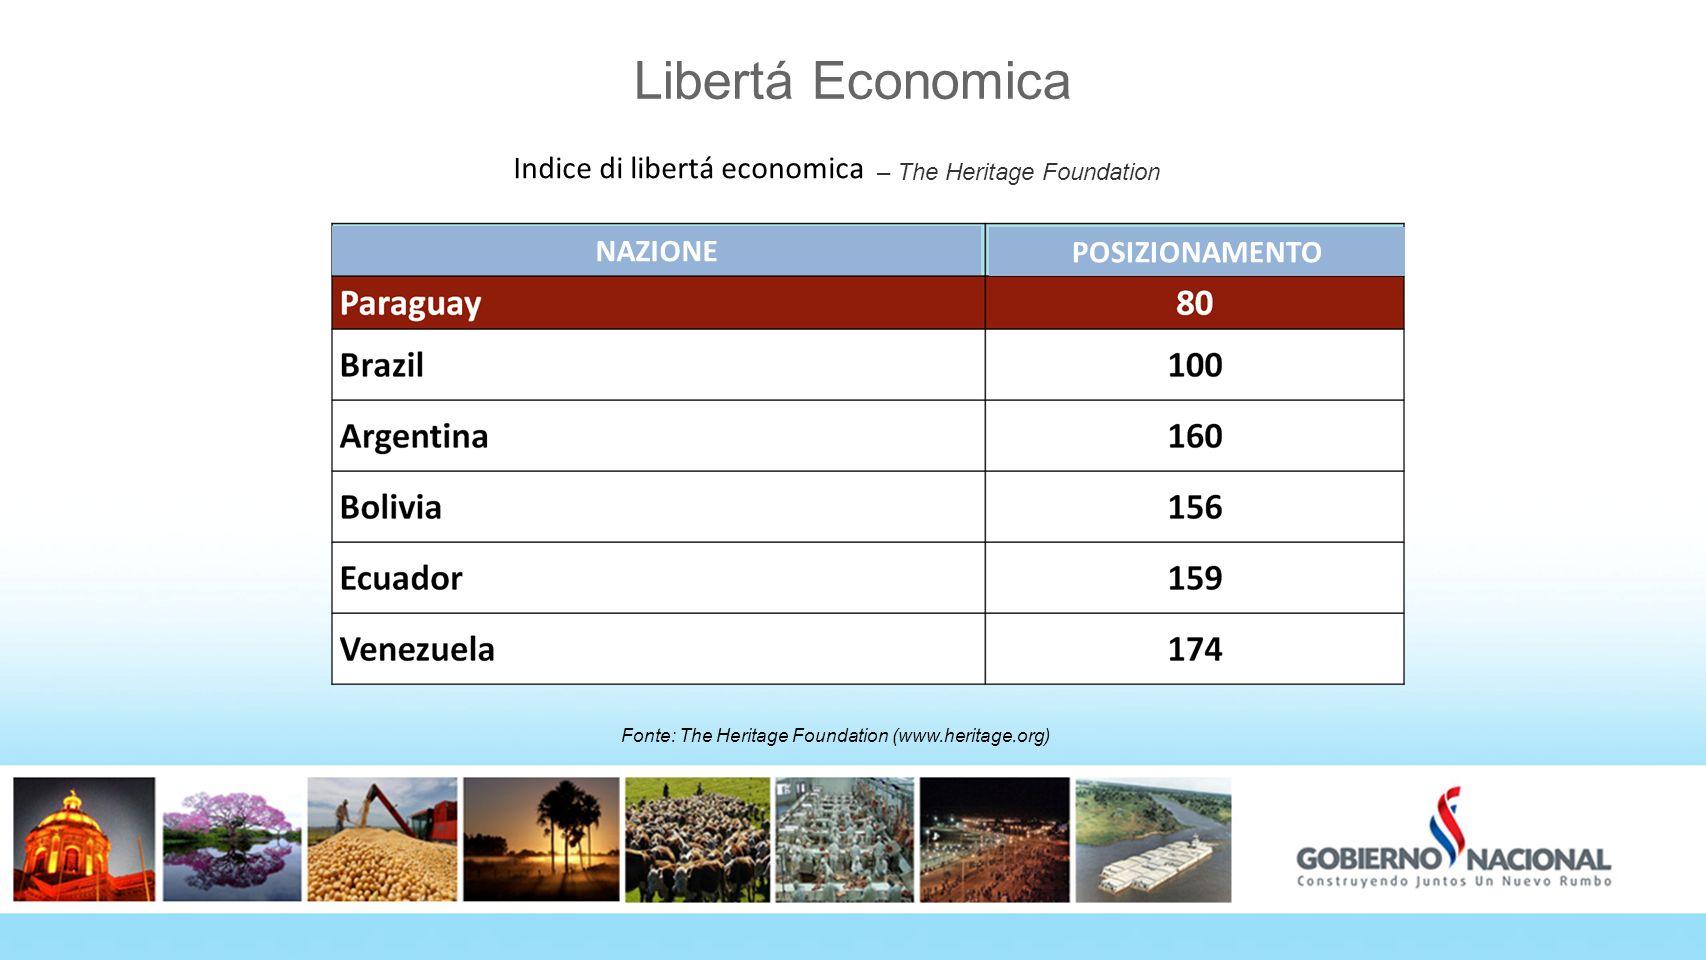 Libertá Economica Índice de Libertad Económica – The Heritage Foundation Fonte: The Heritage Foundation (www.heritage.org) Indice di libertá economica